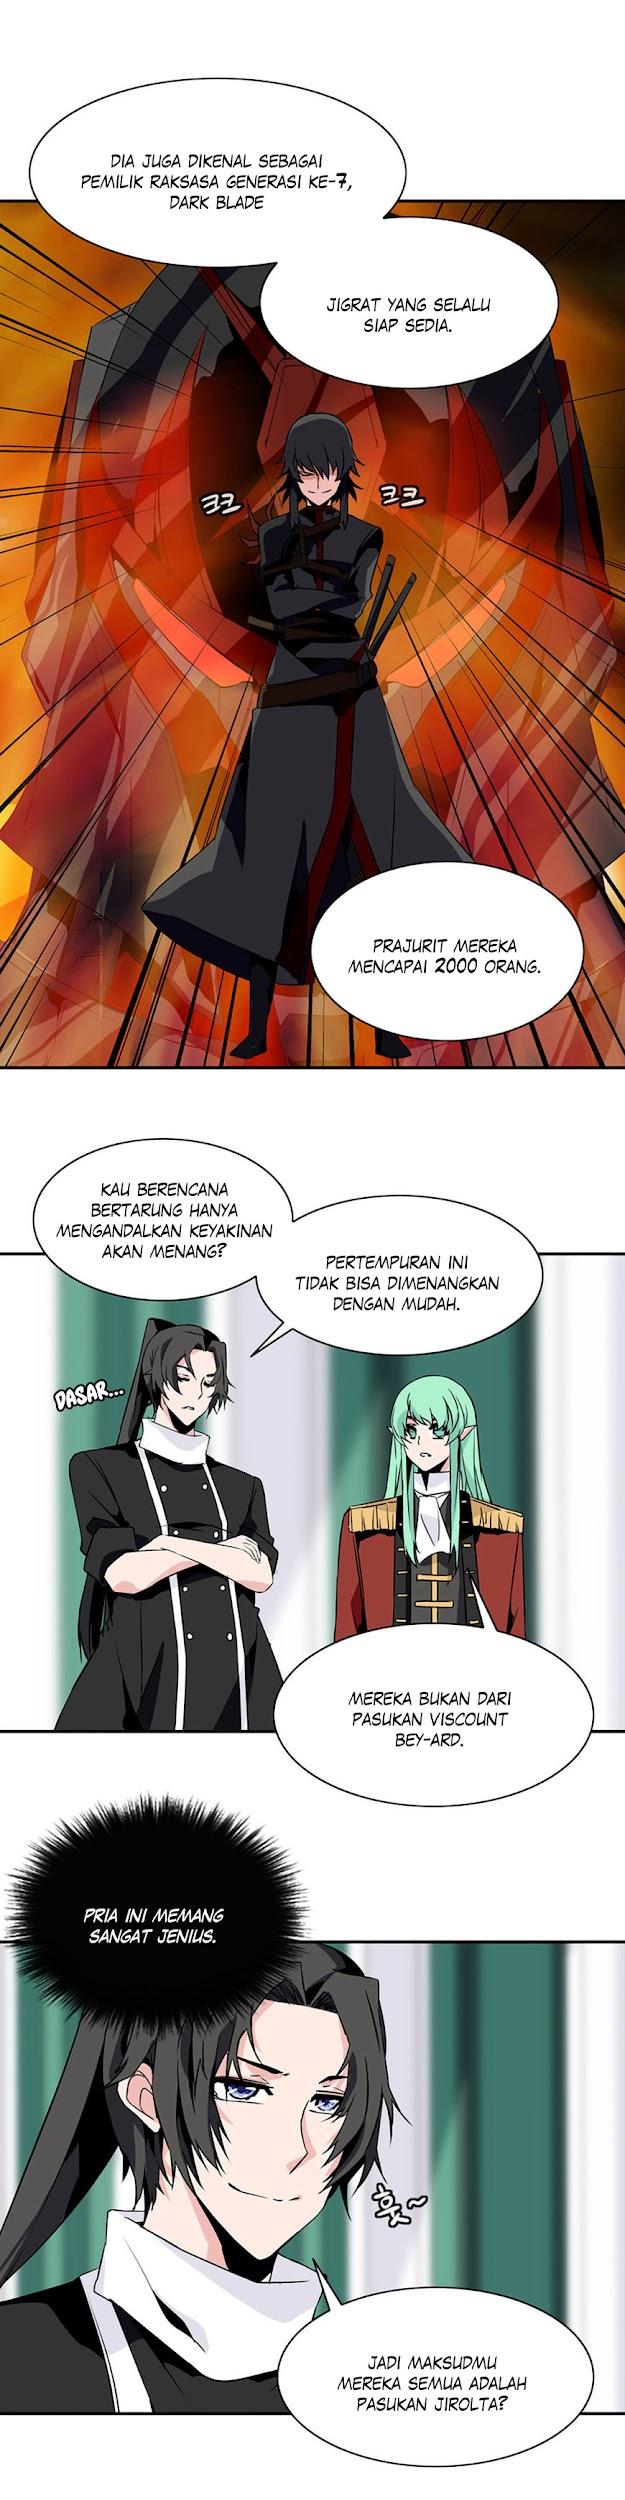 Dilarang COPAS - situs resmi www.mangacanblog.com - Komik wizardly tower 045 - chapter 45 46 Indonesia wizardly tower 045 - chapter 45 Terbaru 15|Baca Manga Komik Indonesia|Mangacan